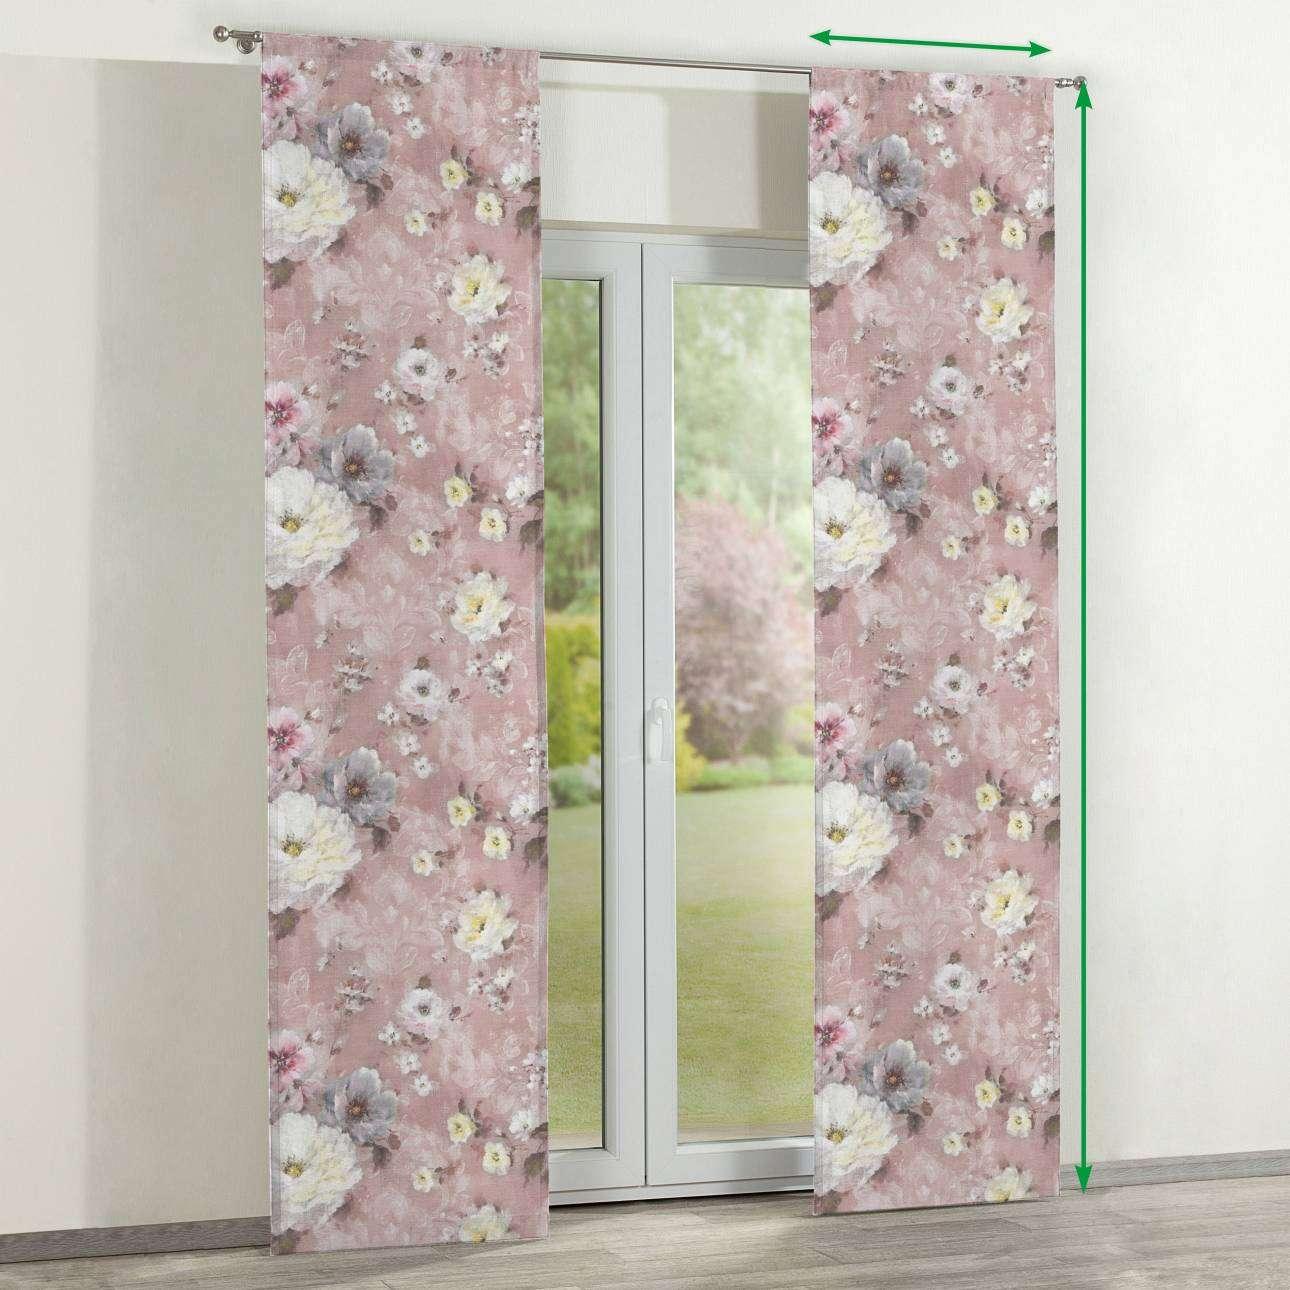 Zasłony panelowe 2 szt. w kolekcji Monet, tkanina: 137-83